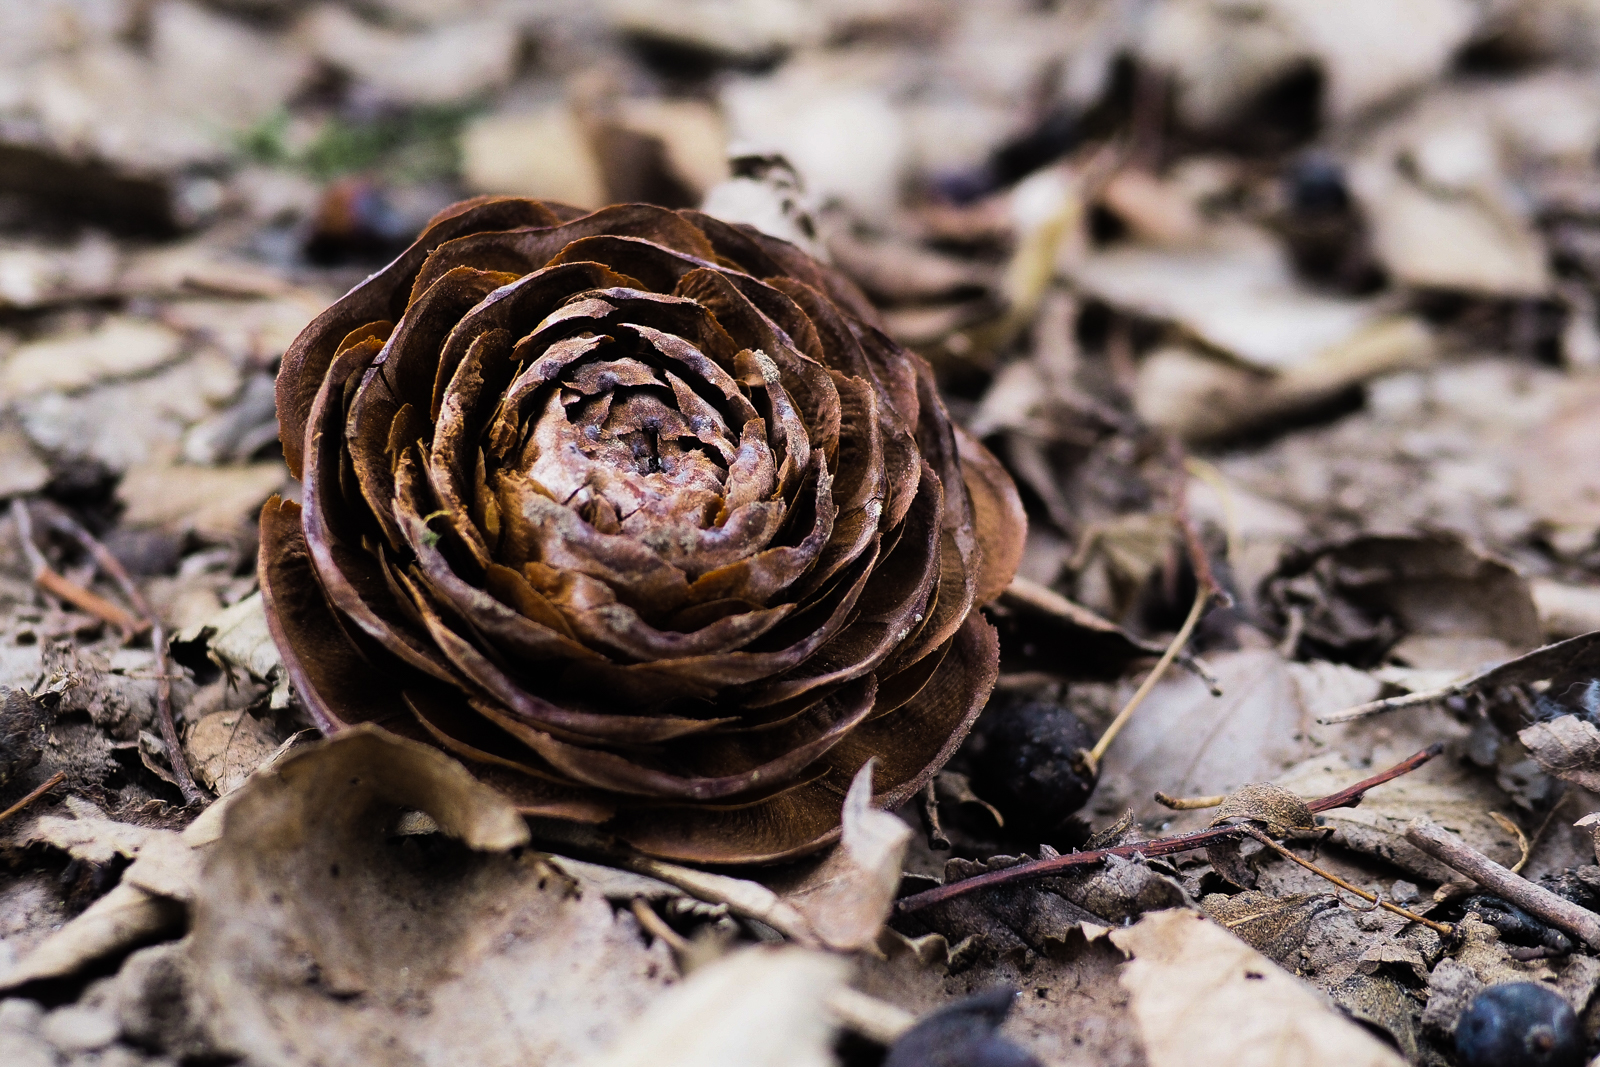 Beautiful like a rose...